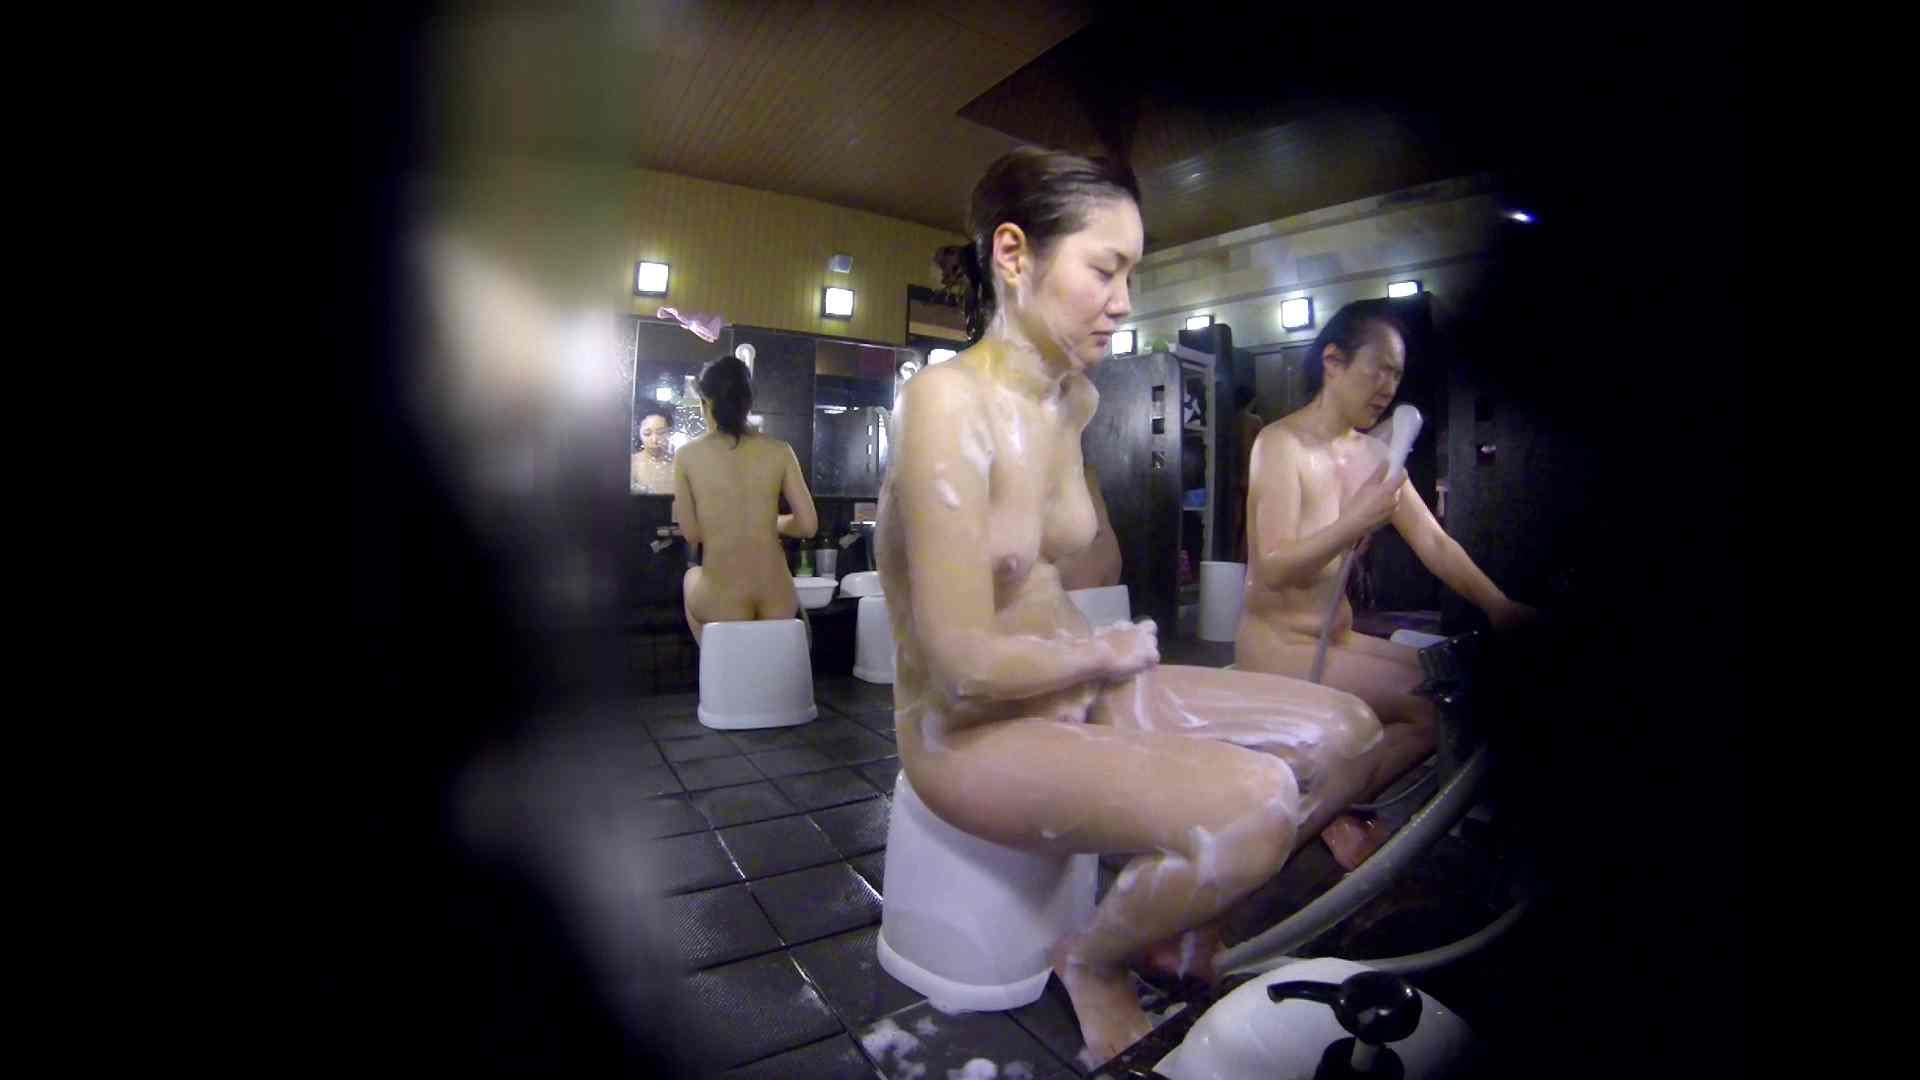 洗い場!好きです!ボリューム満点ボディーな感じが堪りません。 美肌 | 銭湯事情  87枚 73